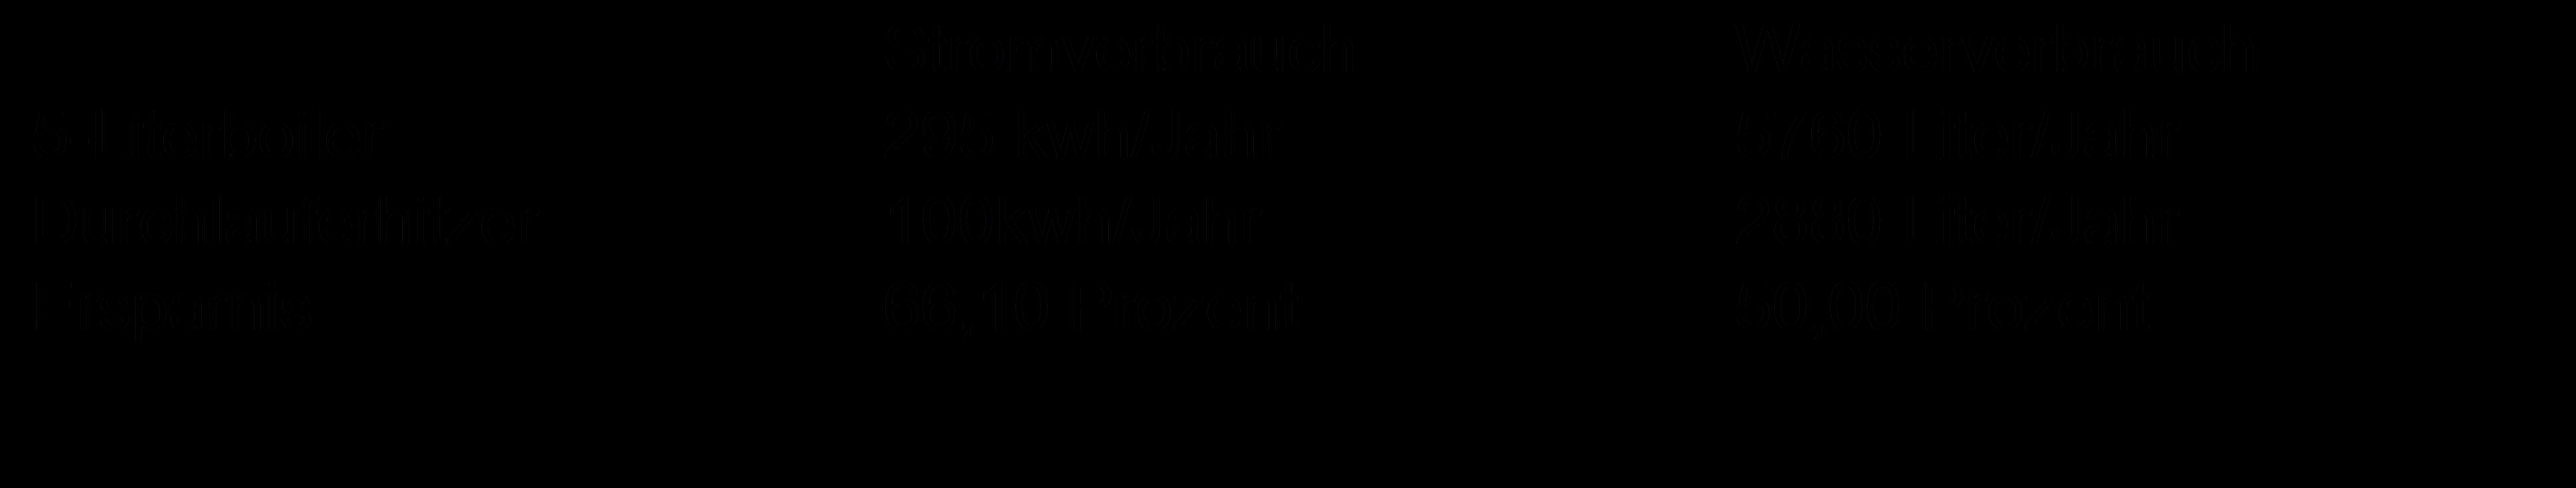 Vergleich Boiler und Durchlauferhitzer